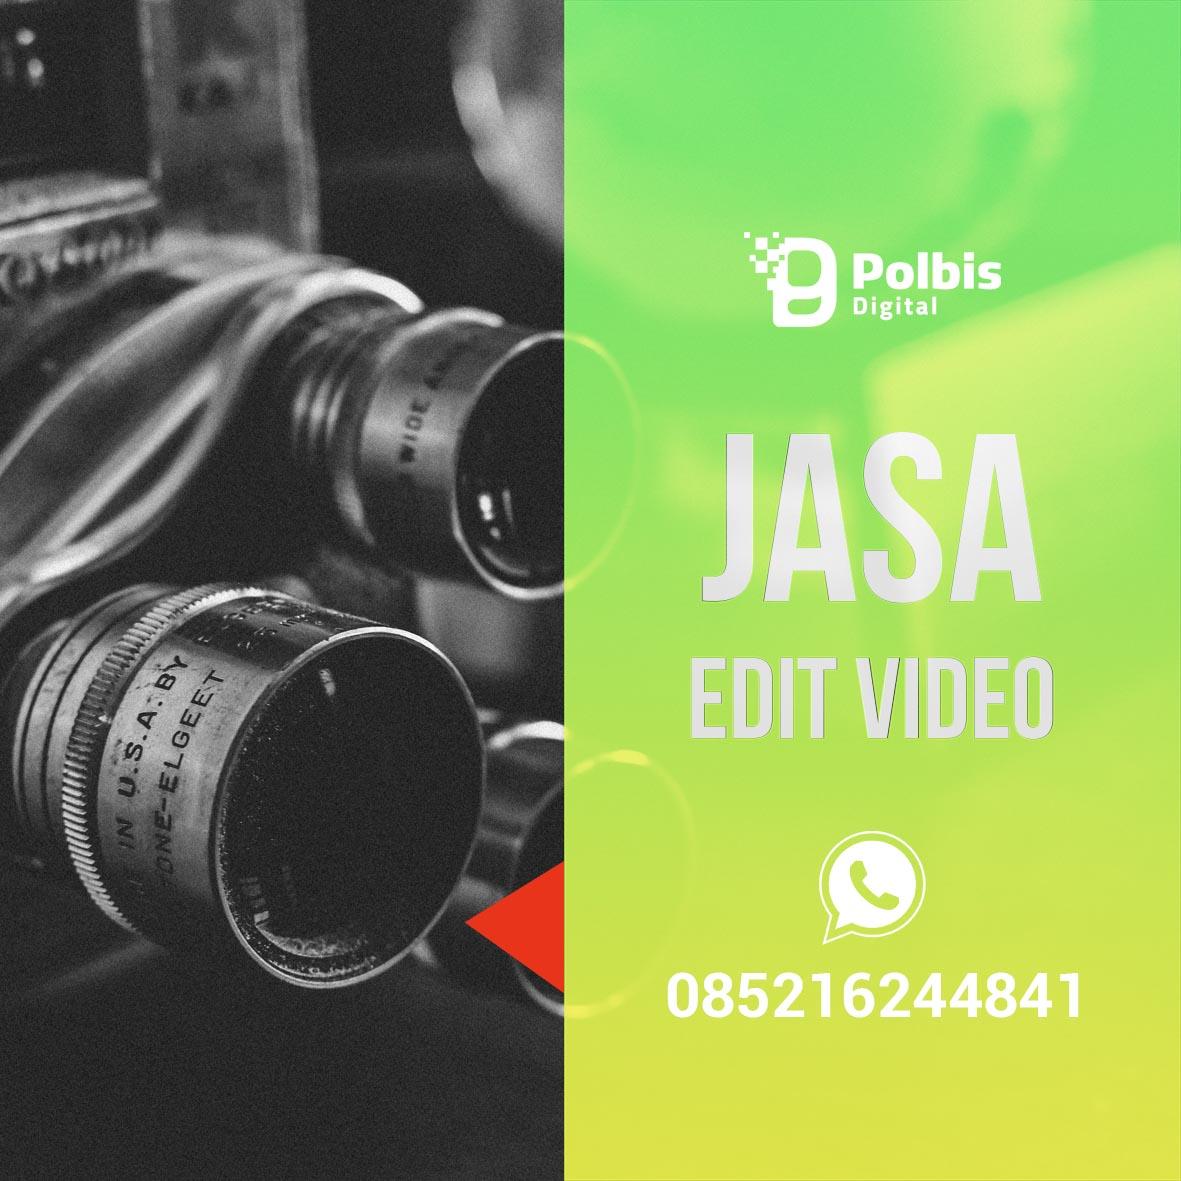 JASA EDIT VIDEO MURAH DAN BERKUALITAS DI SURABAYA